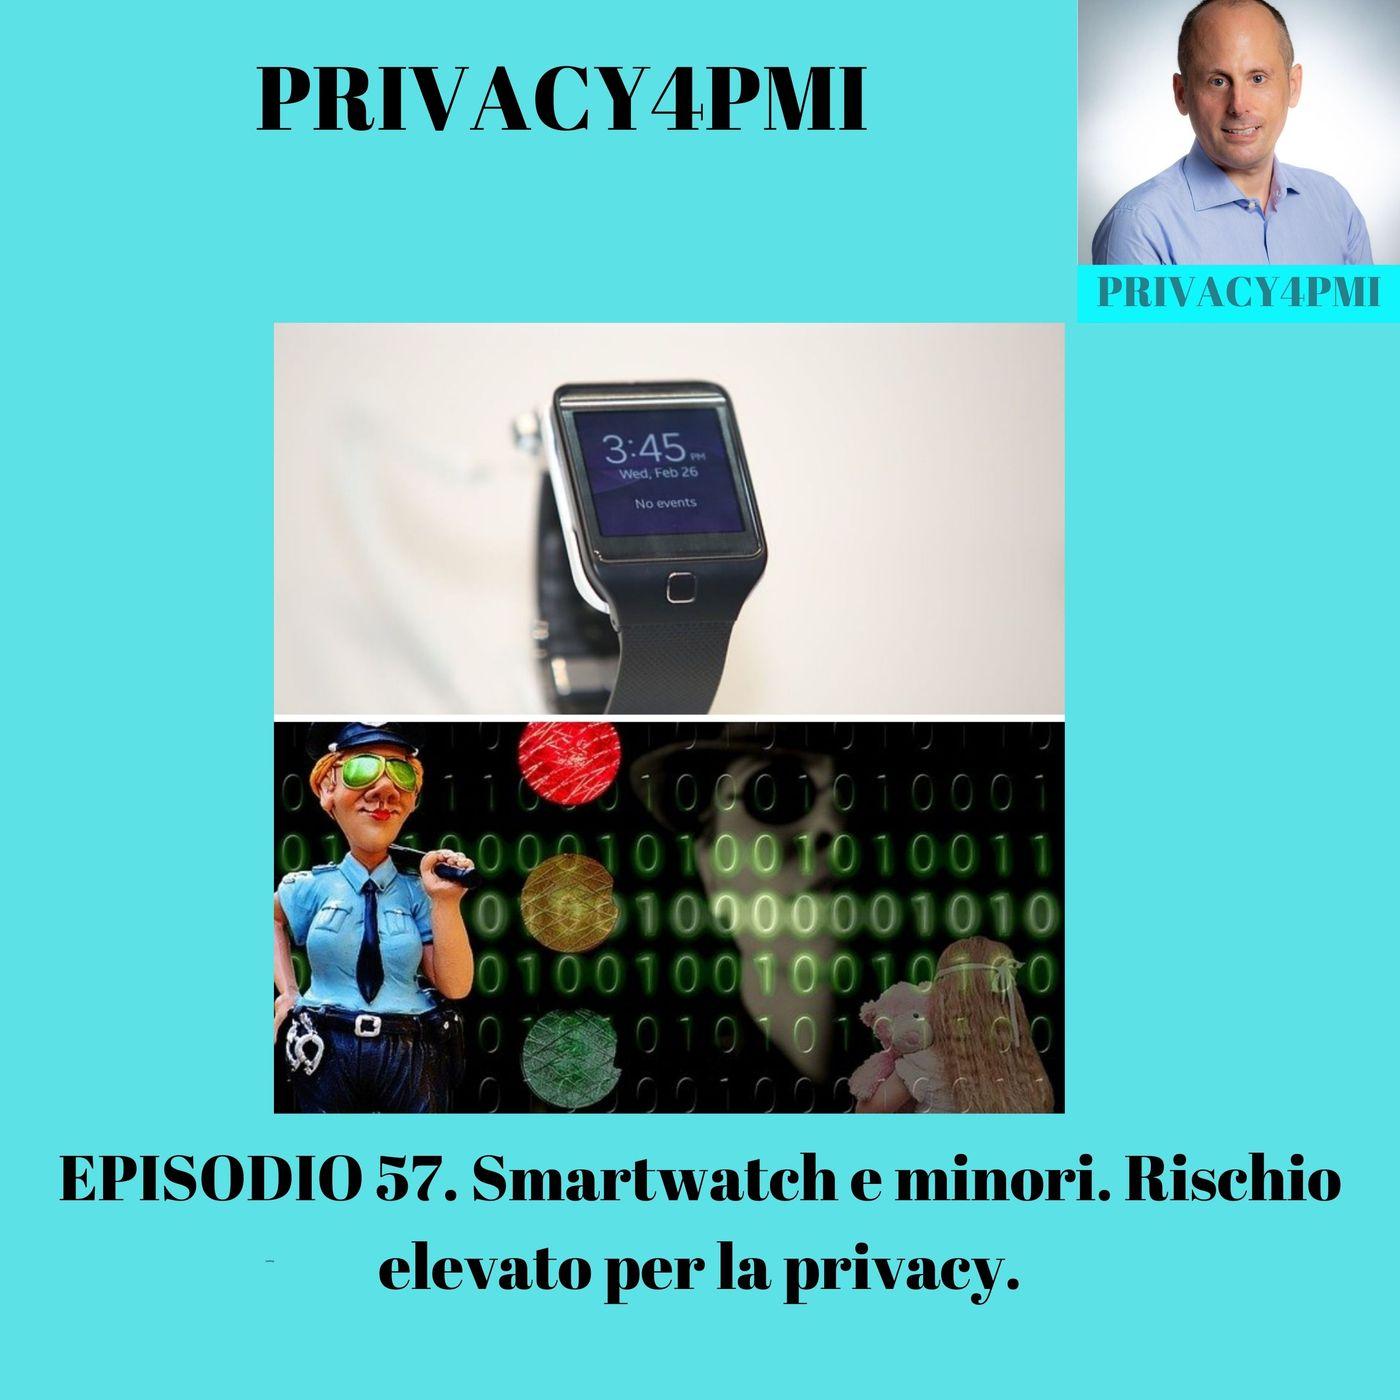 EPISODIO 57 Smartwatch e minori. Rischio elevato per la privacy